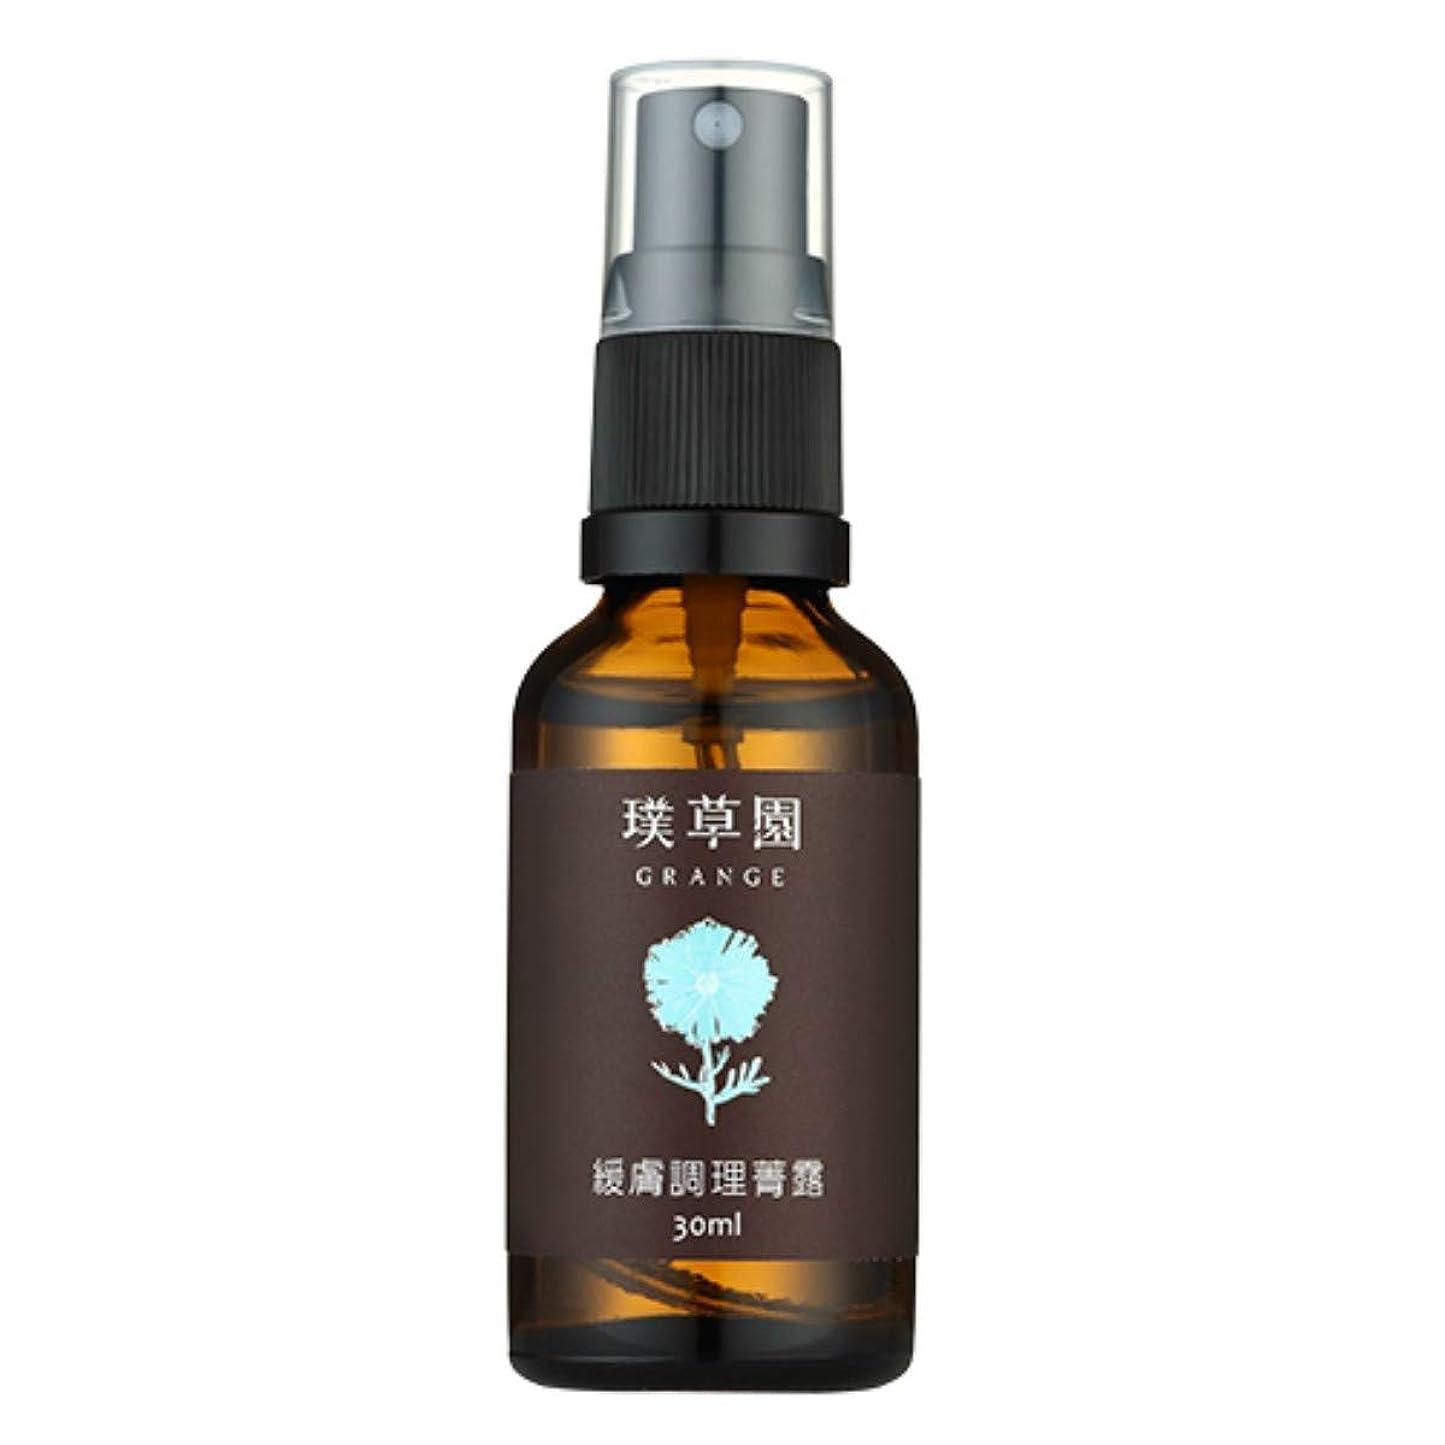 口頭ジェム掃除オーガニック 化粧水 スージング&コンディシニングフェイシャルトナー 30ml 「 高保湿 スプレータイプ 」